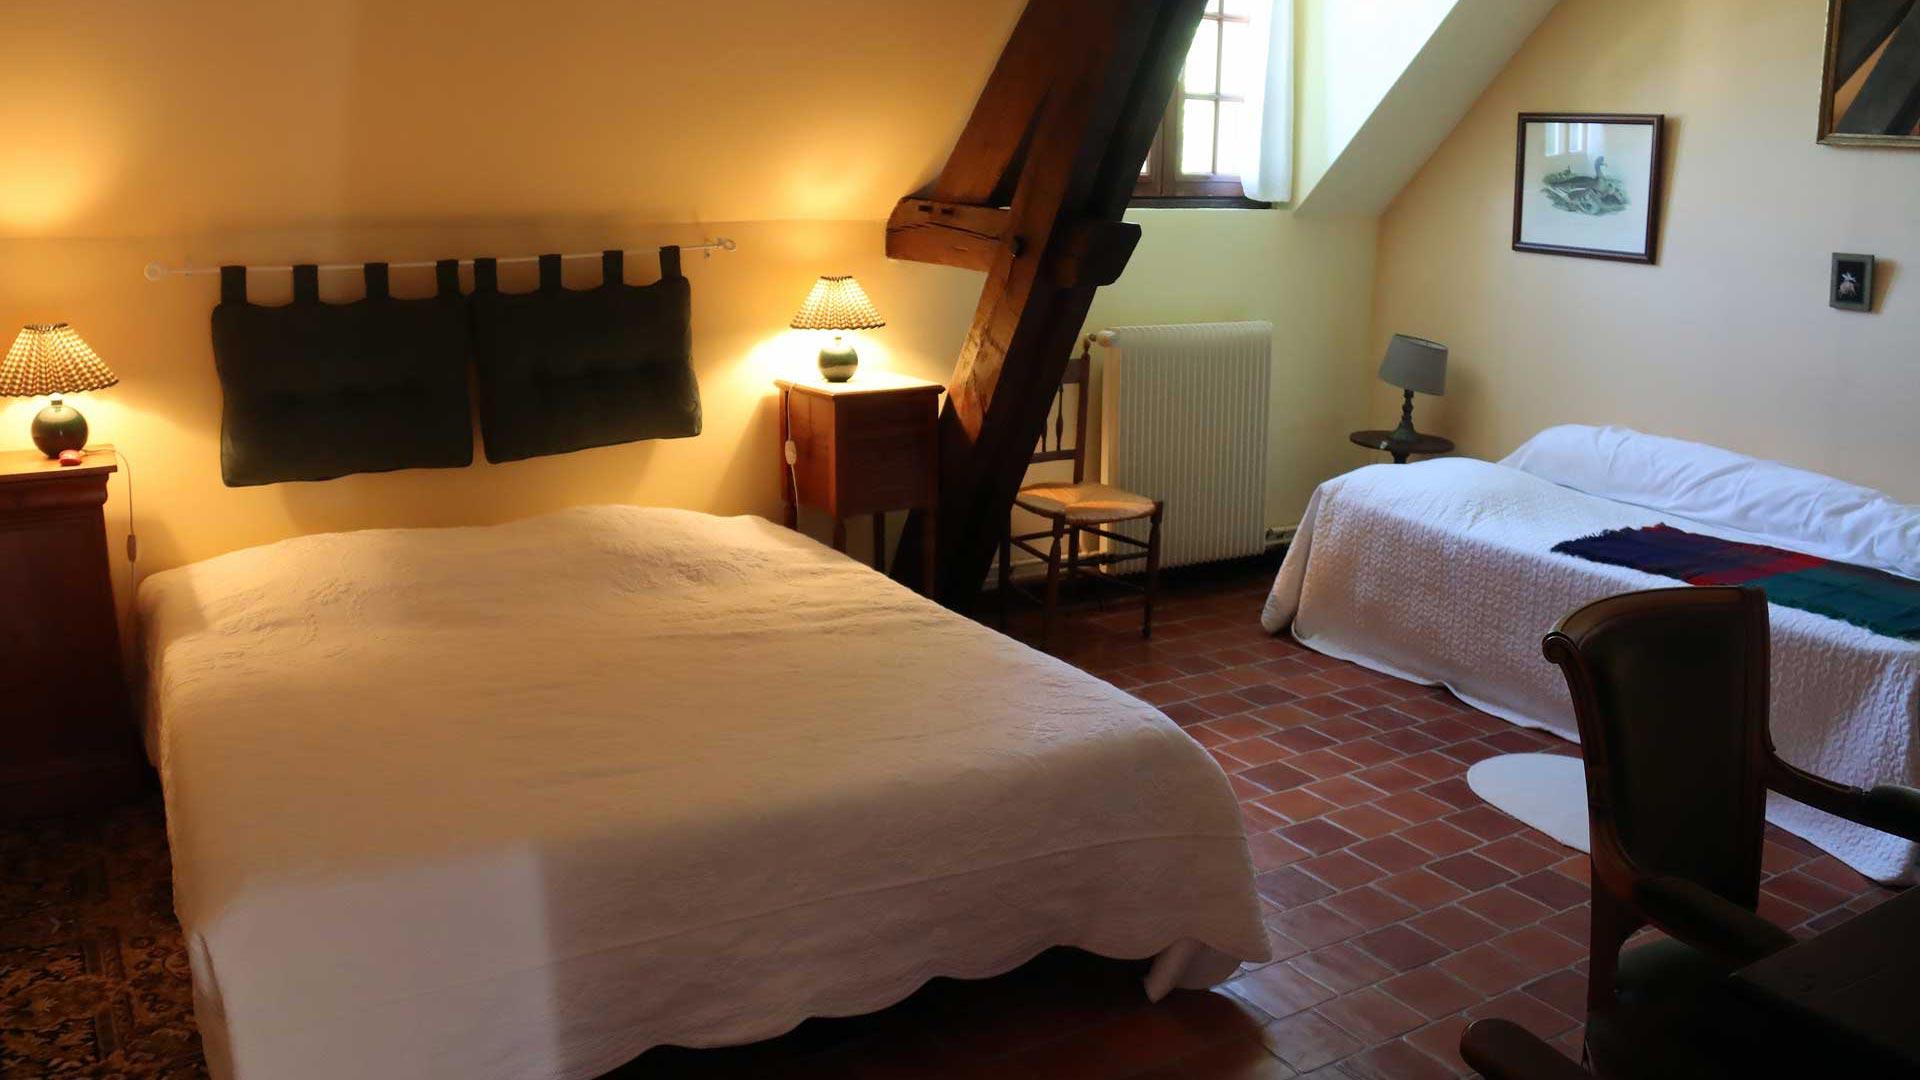 Chambre 1 hôtes Touraine